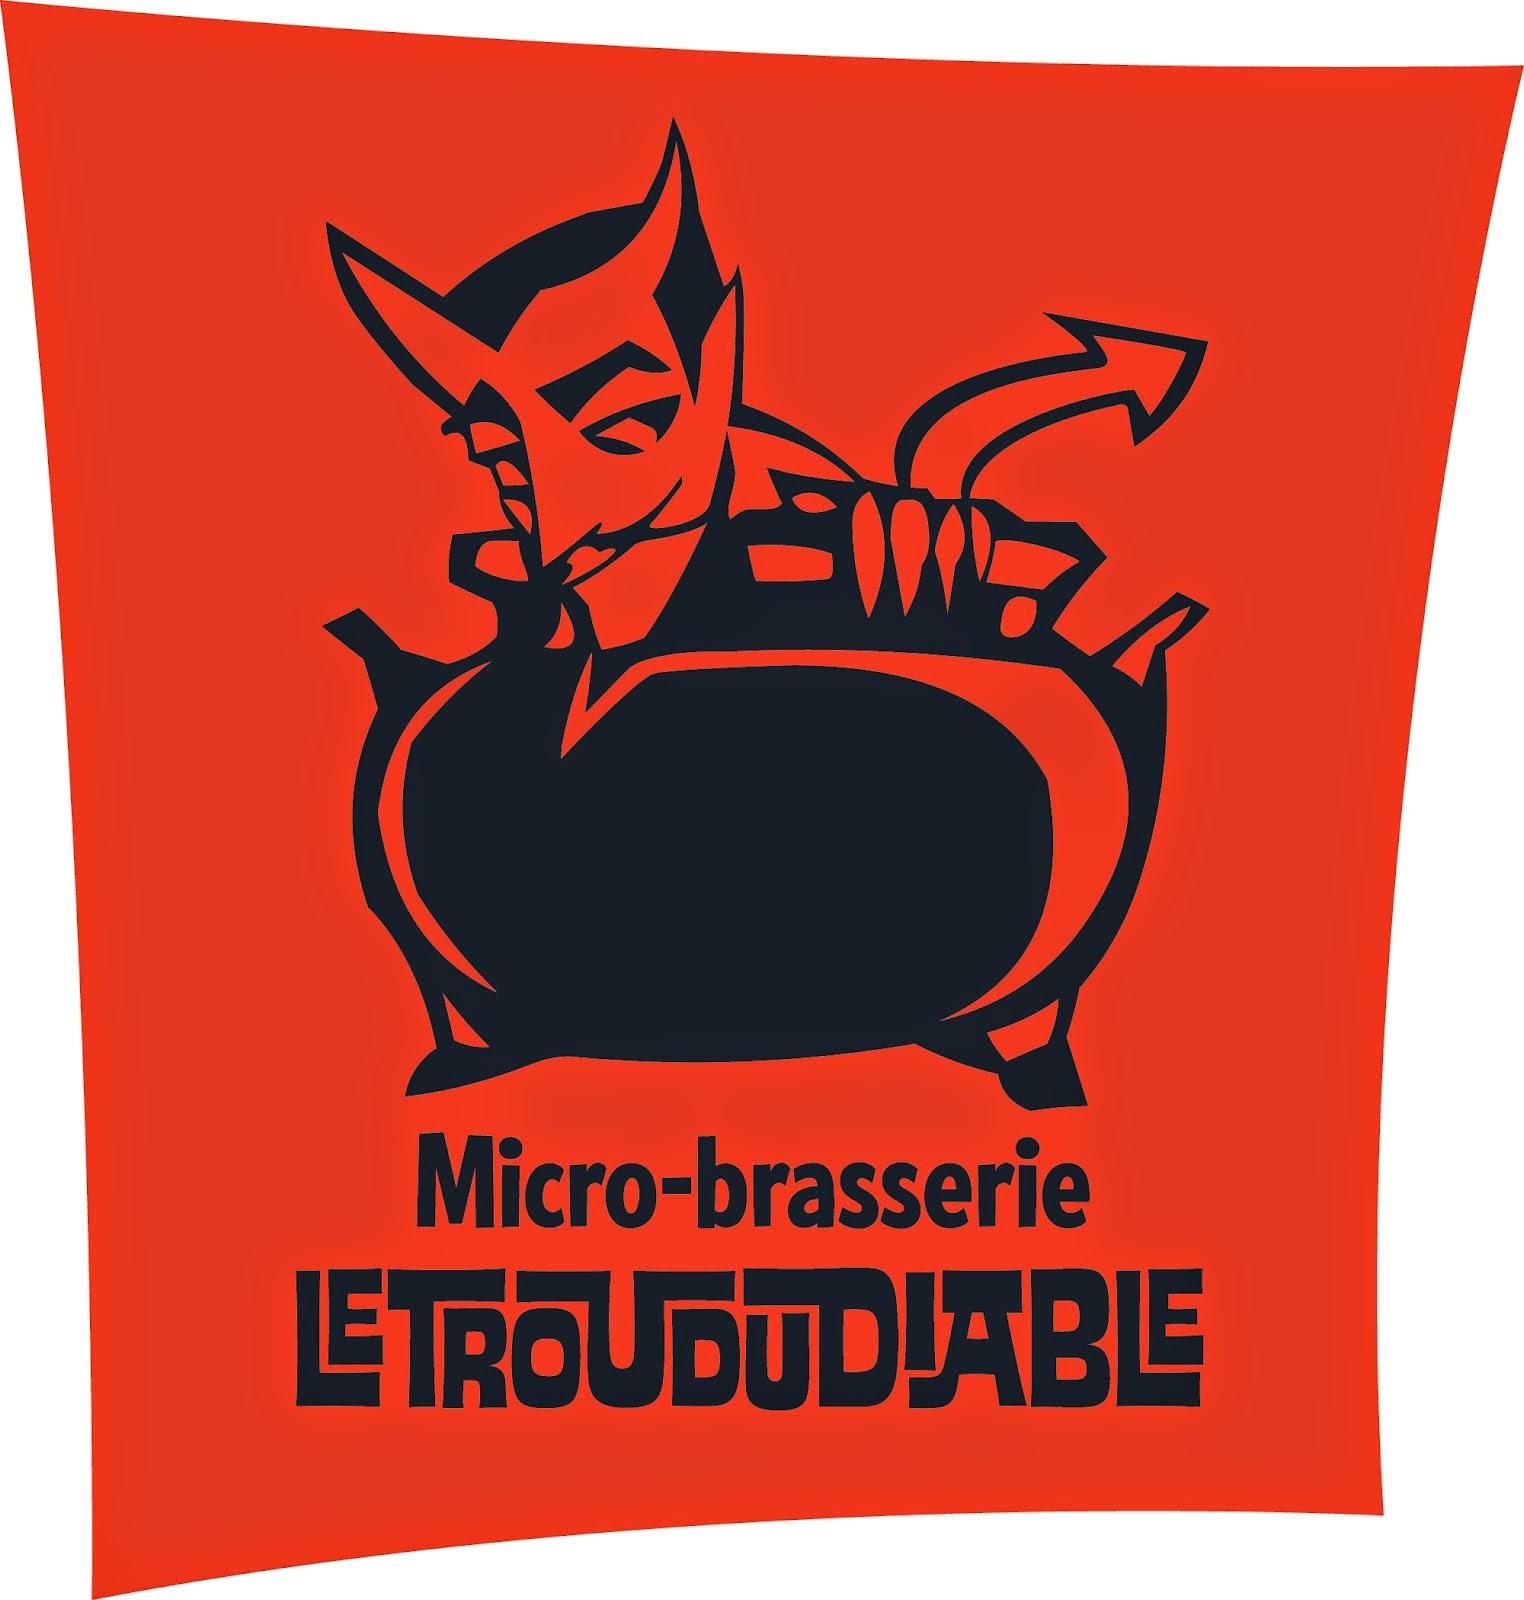 Merci à la micro-brasserie Le Trou du diable